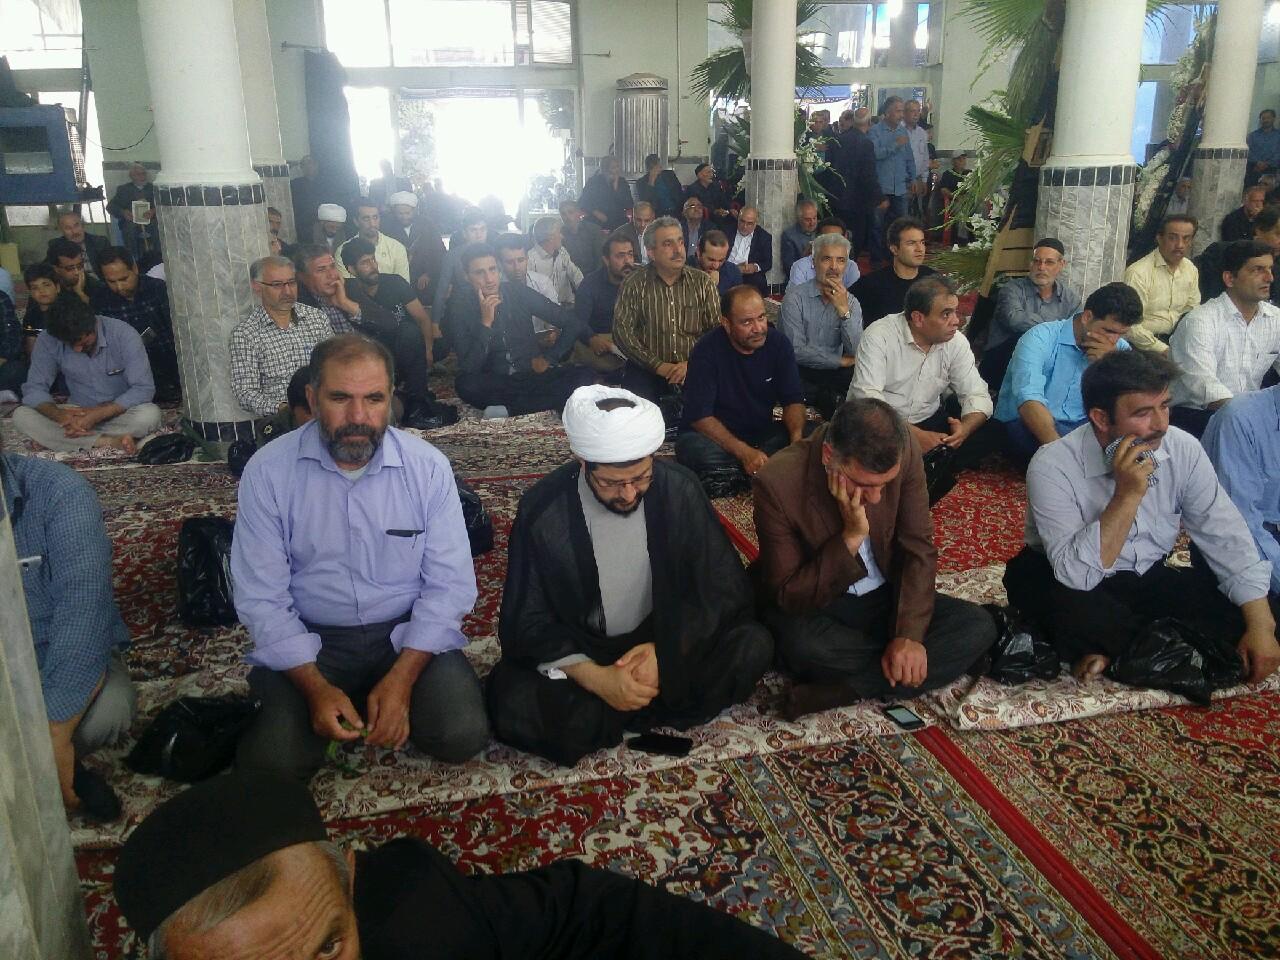 حضور امام جمعه محترم شهر قهدریجان در مراسم های ترحیم بخش در دشتچی